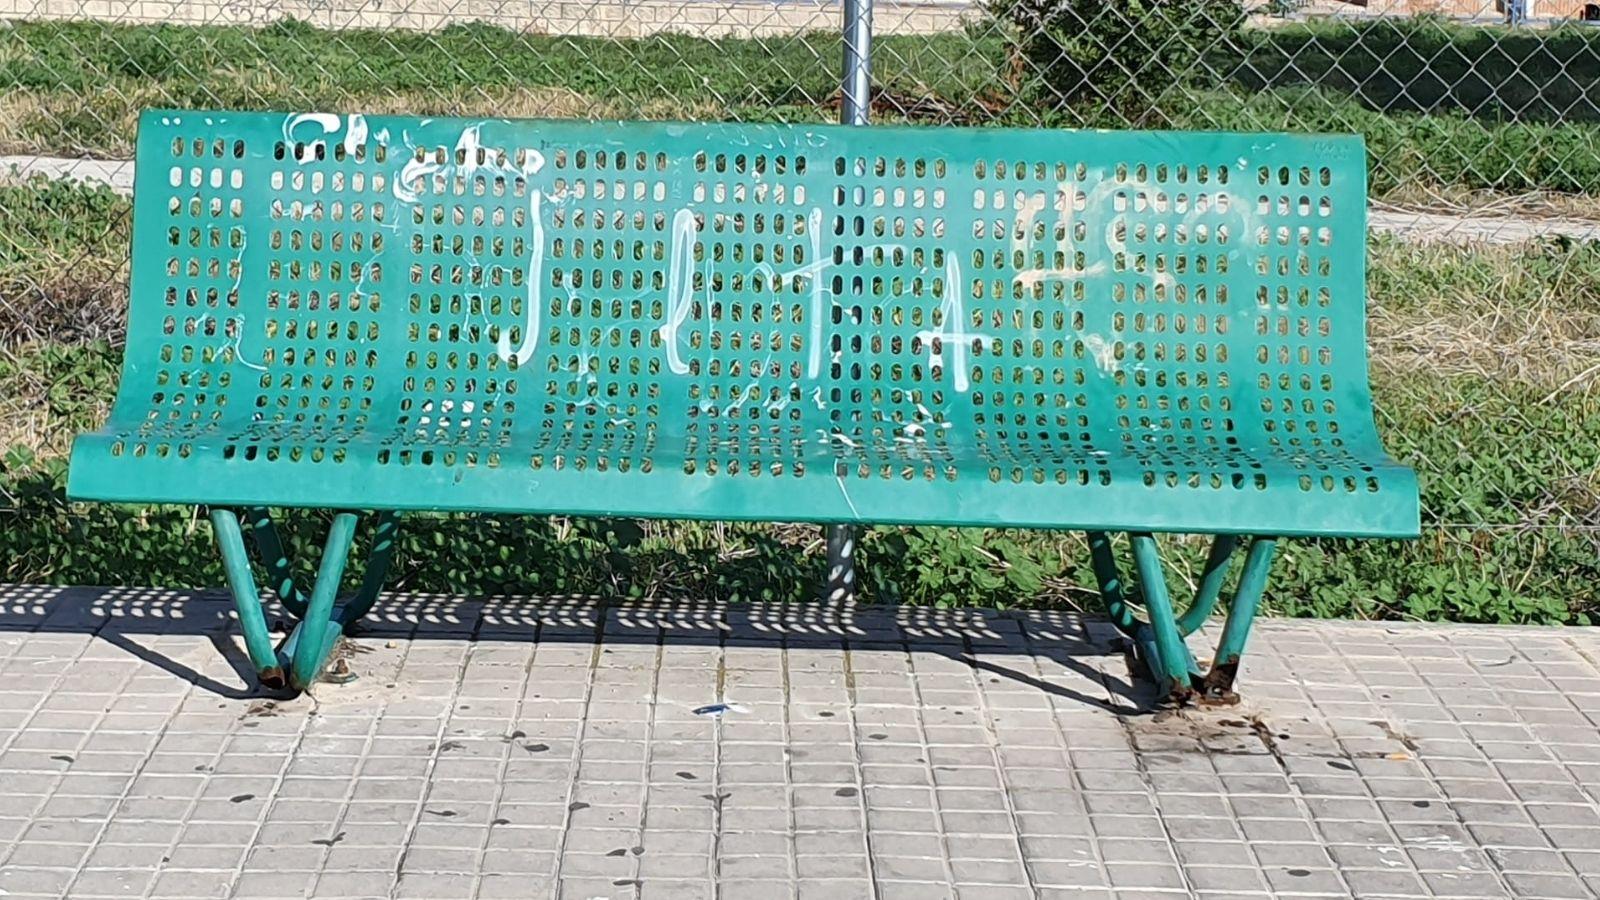 Los orines de perros degradan el mobiliario urbano